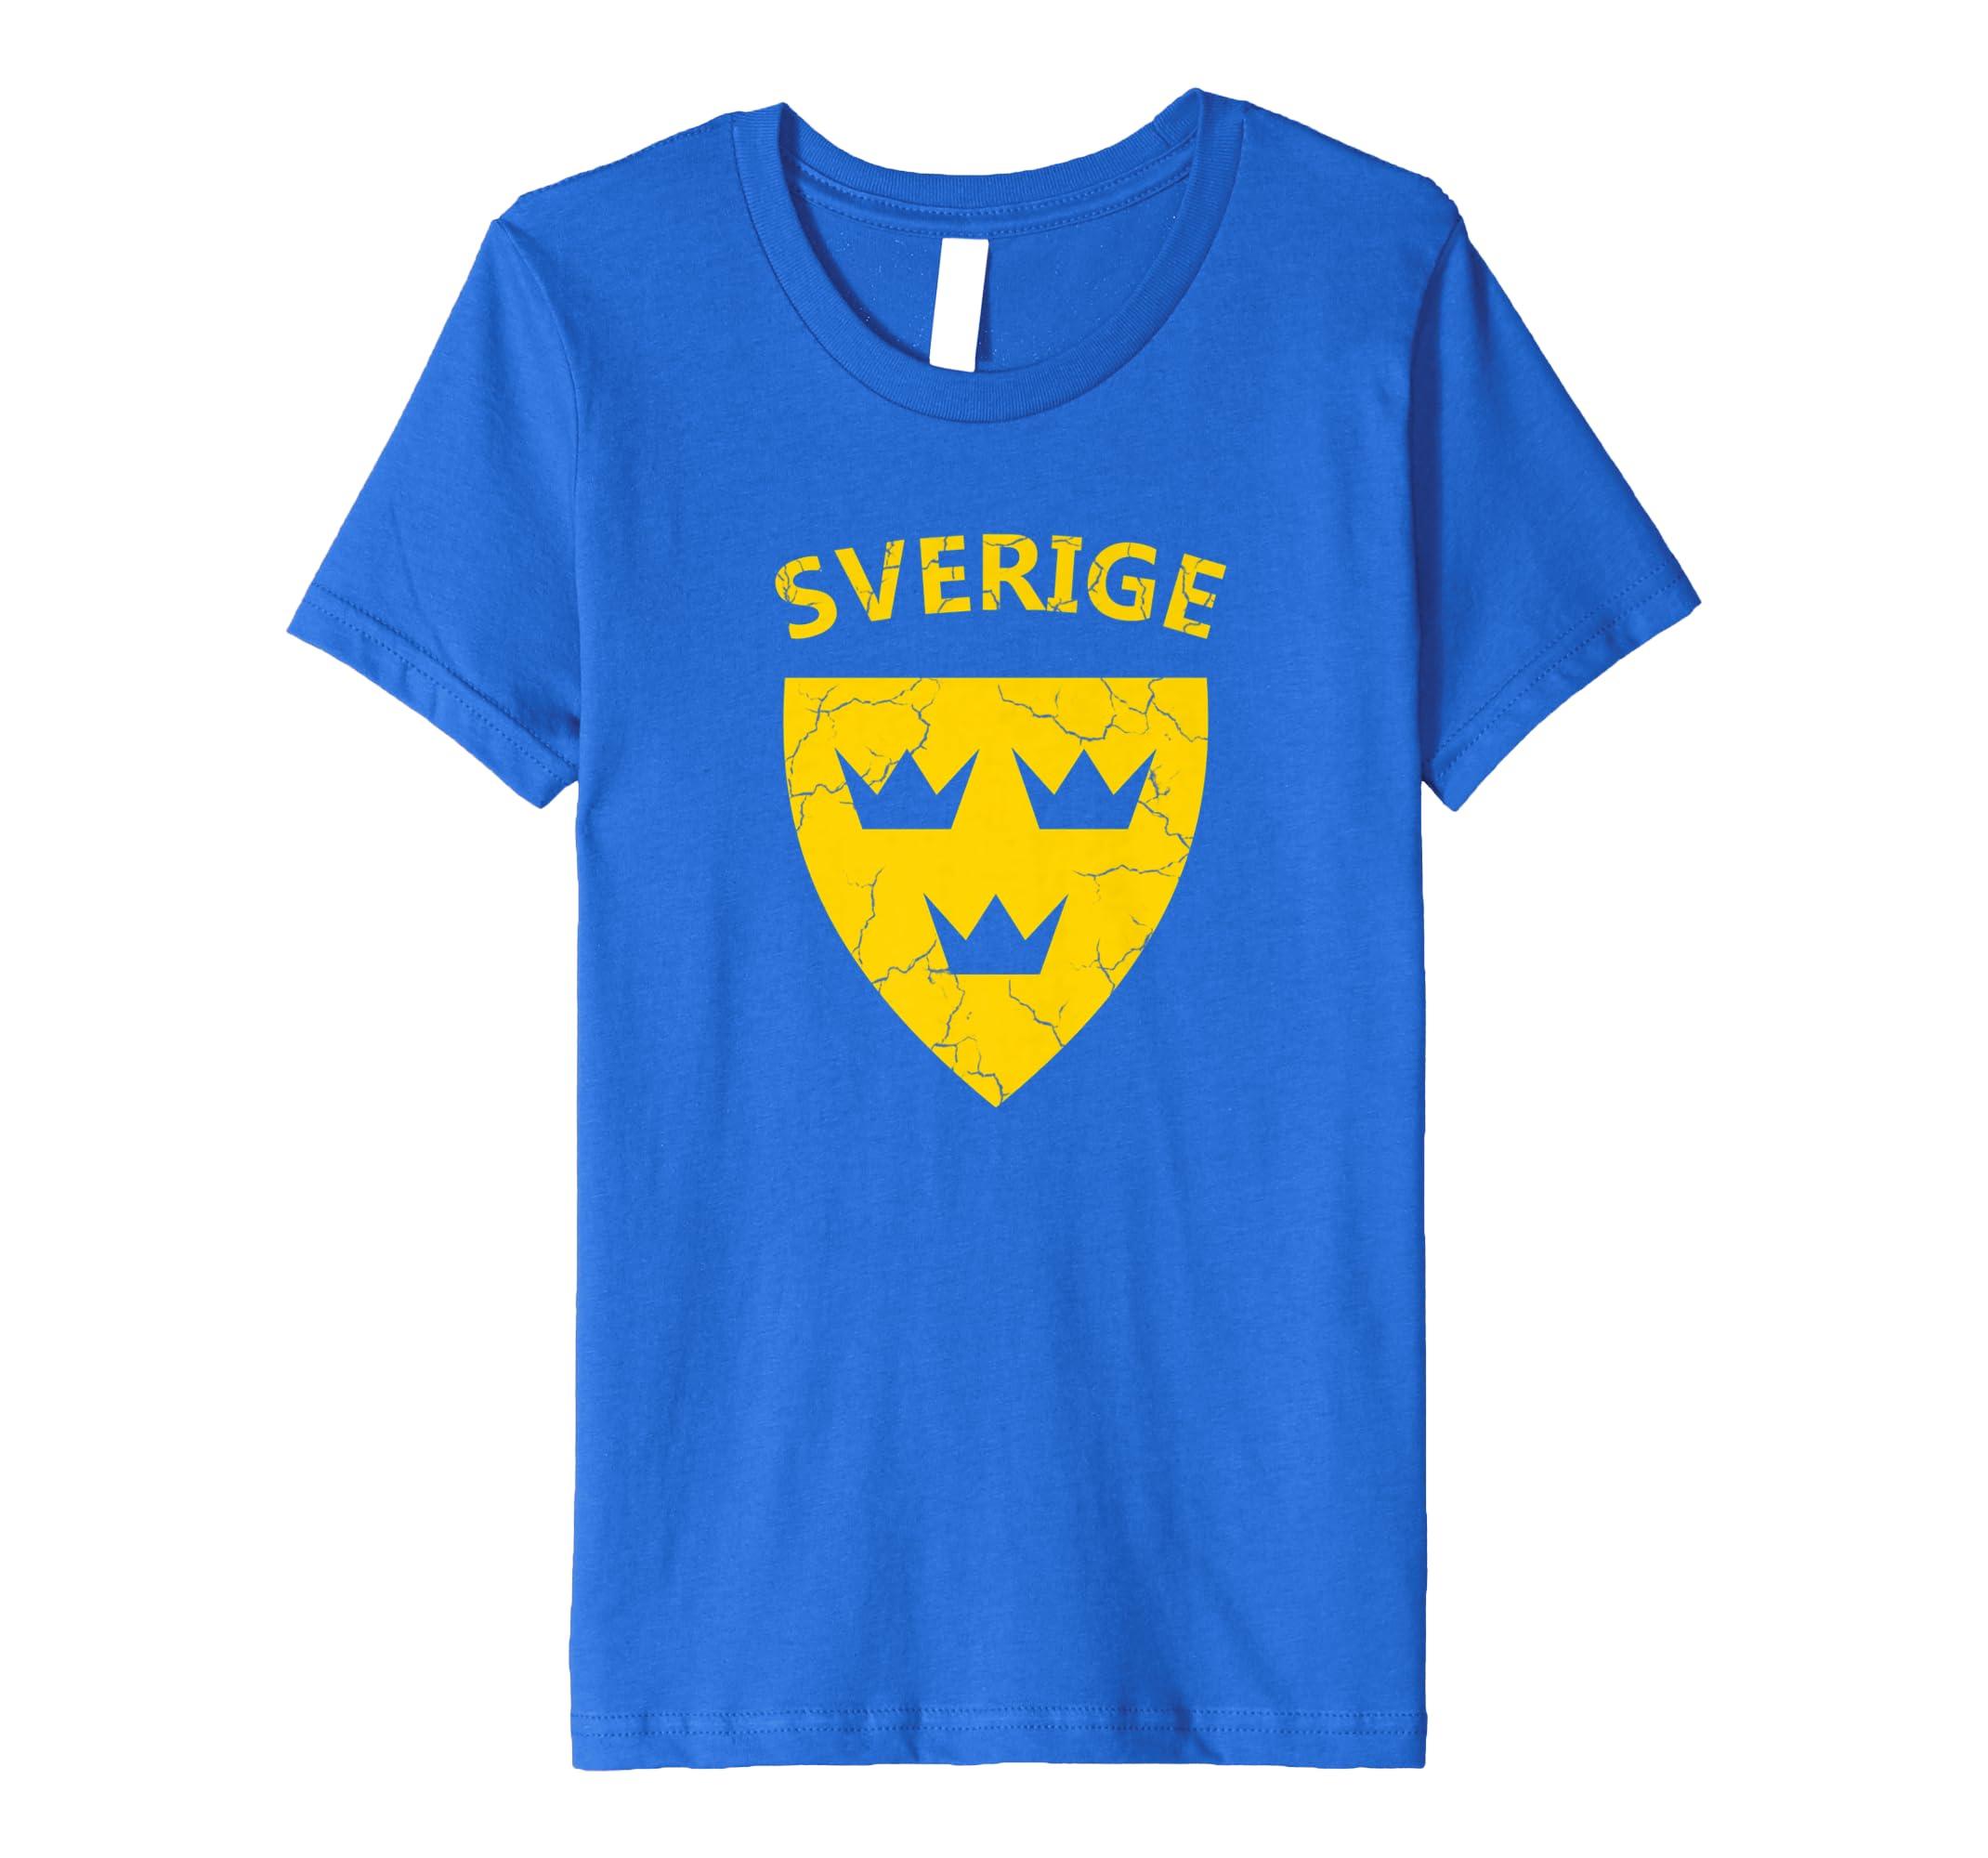 Amazon com: Swedish Shirt Sverige Tshirt Soccer Tre Kronor Three